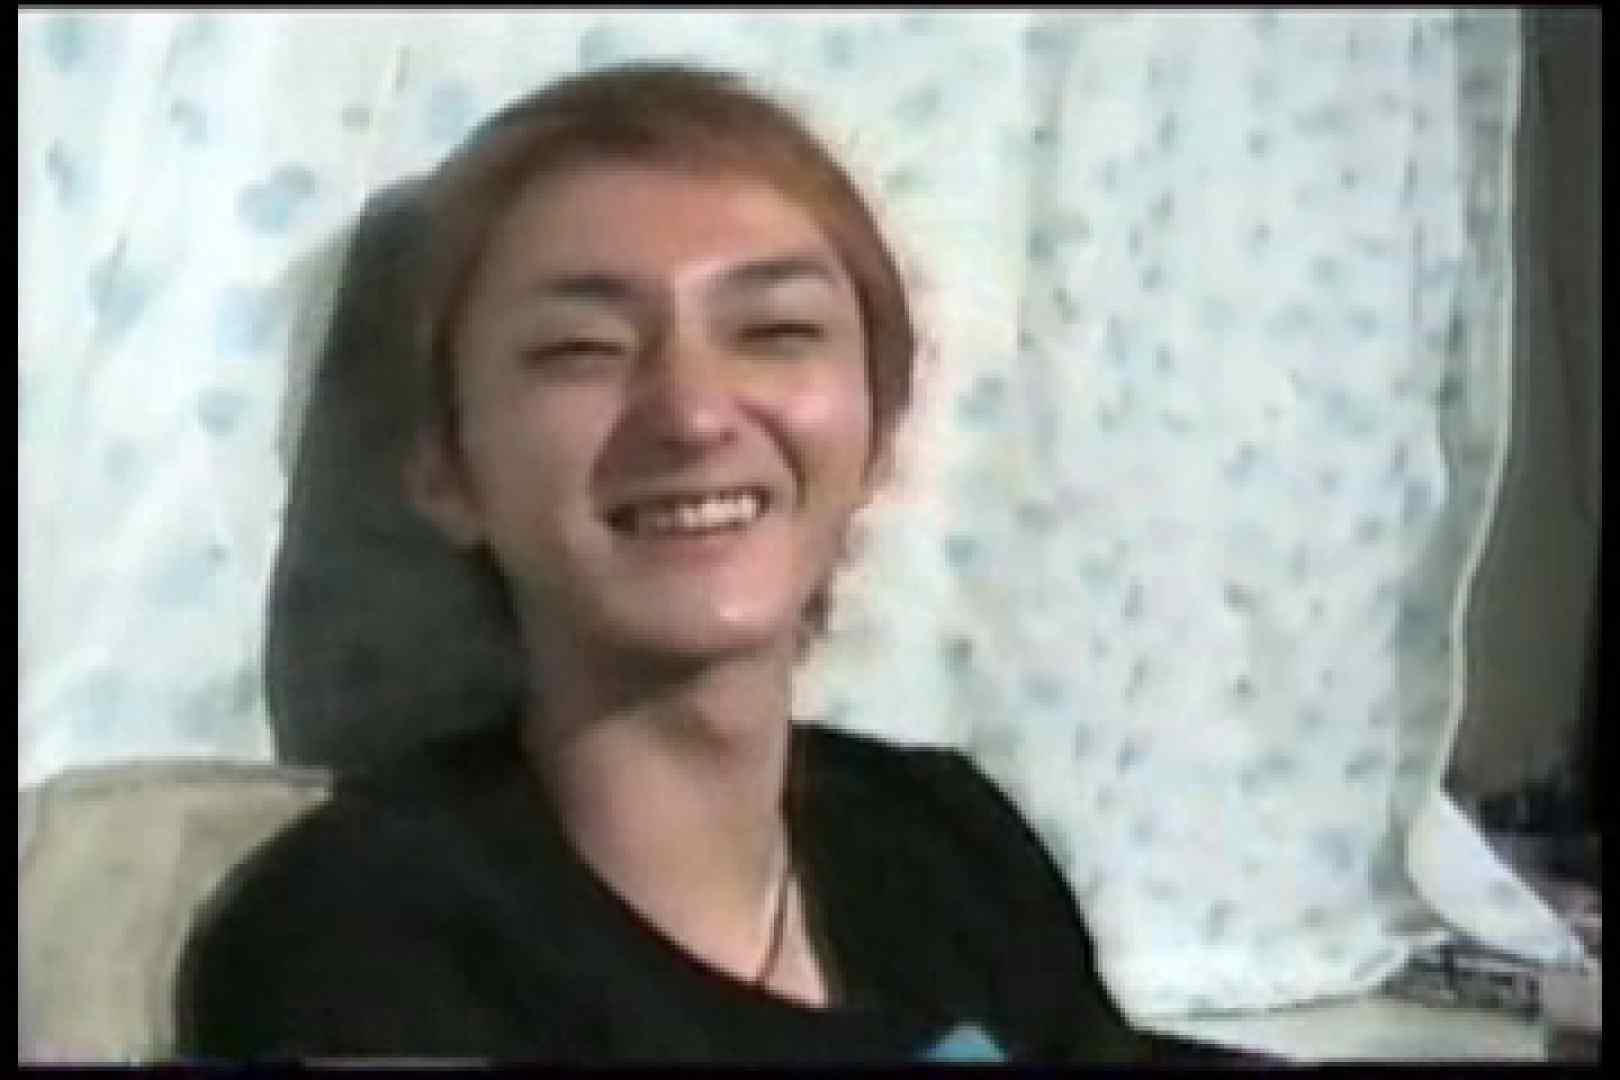 【流出】アイドルを目指したジャニ系イケメンの過去 射精 GAY無修正エロ動画 107枚 62